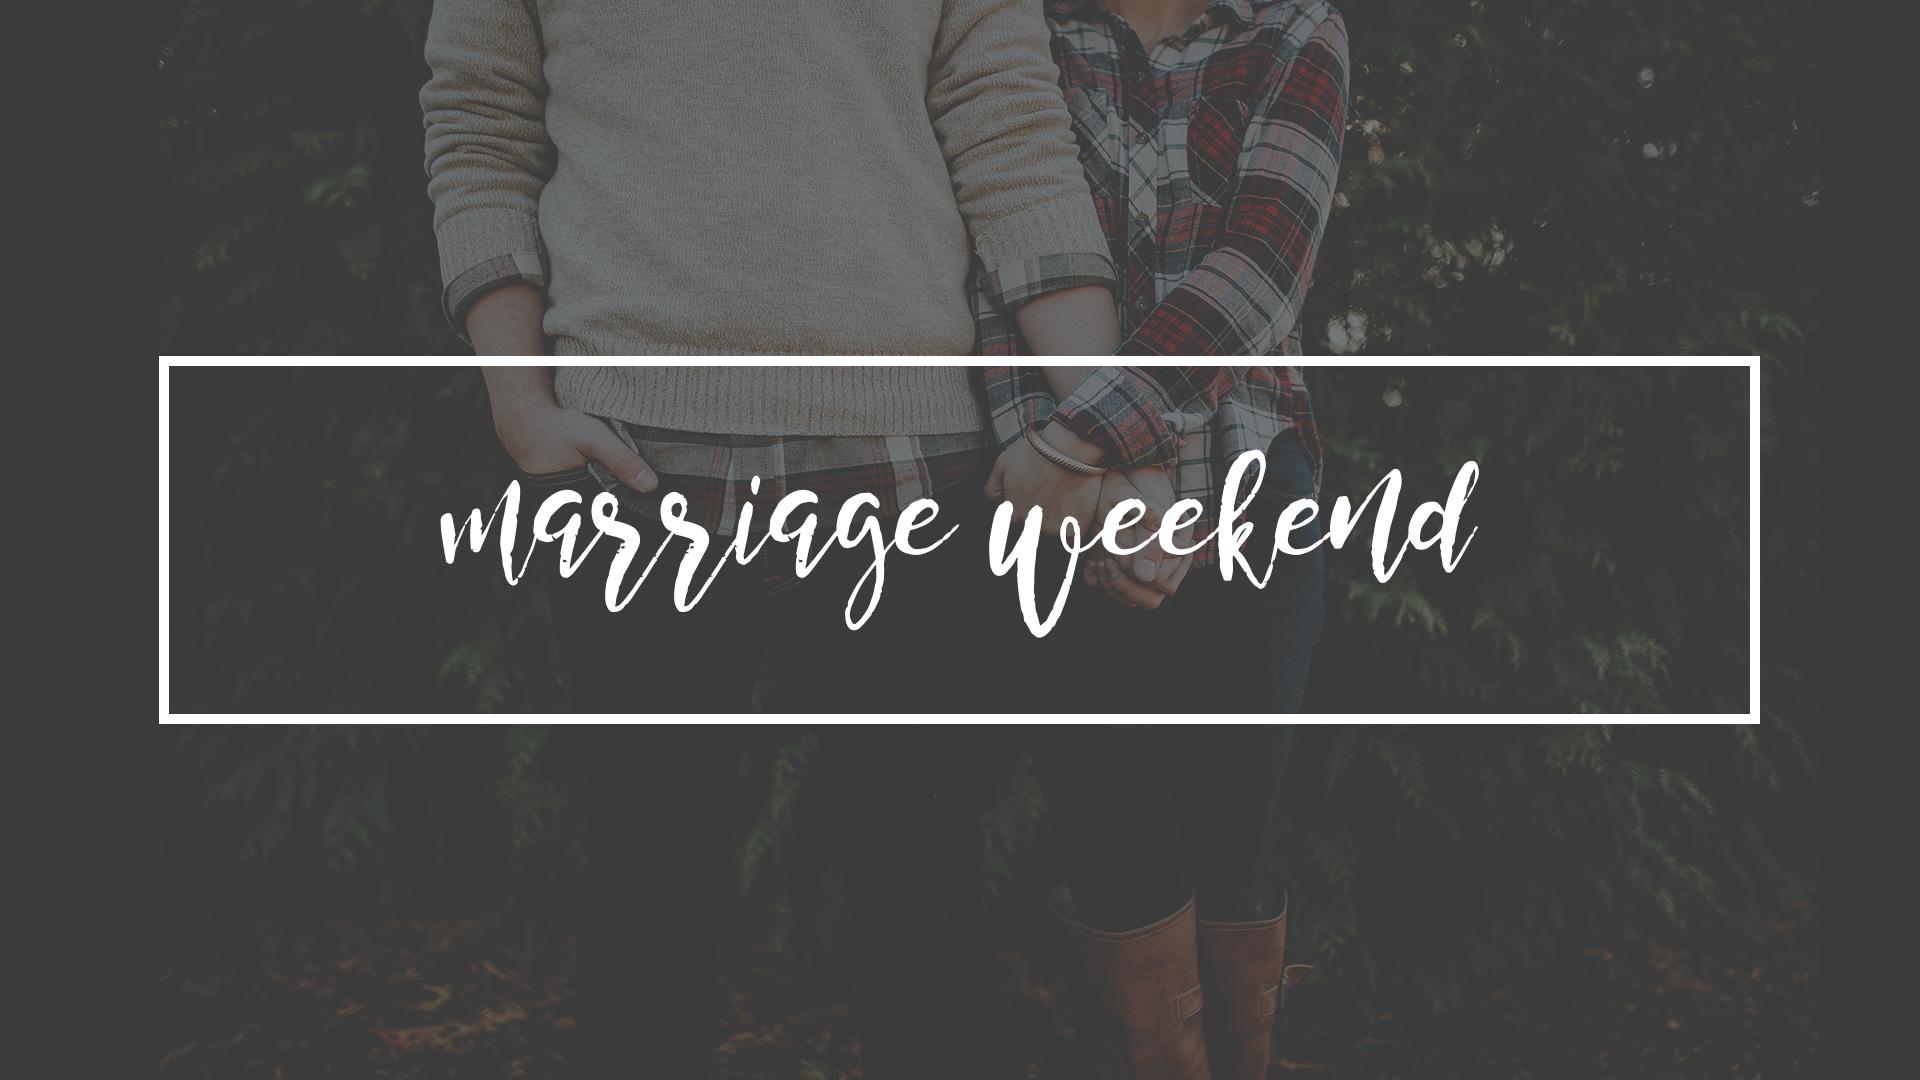 marriage-weekend-title.jpg